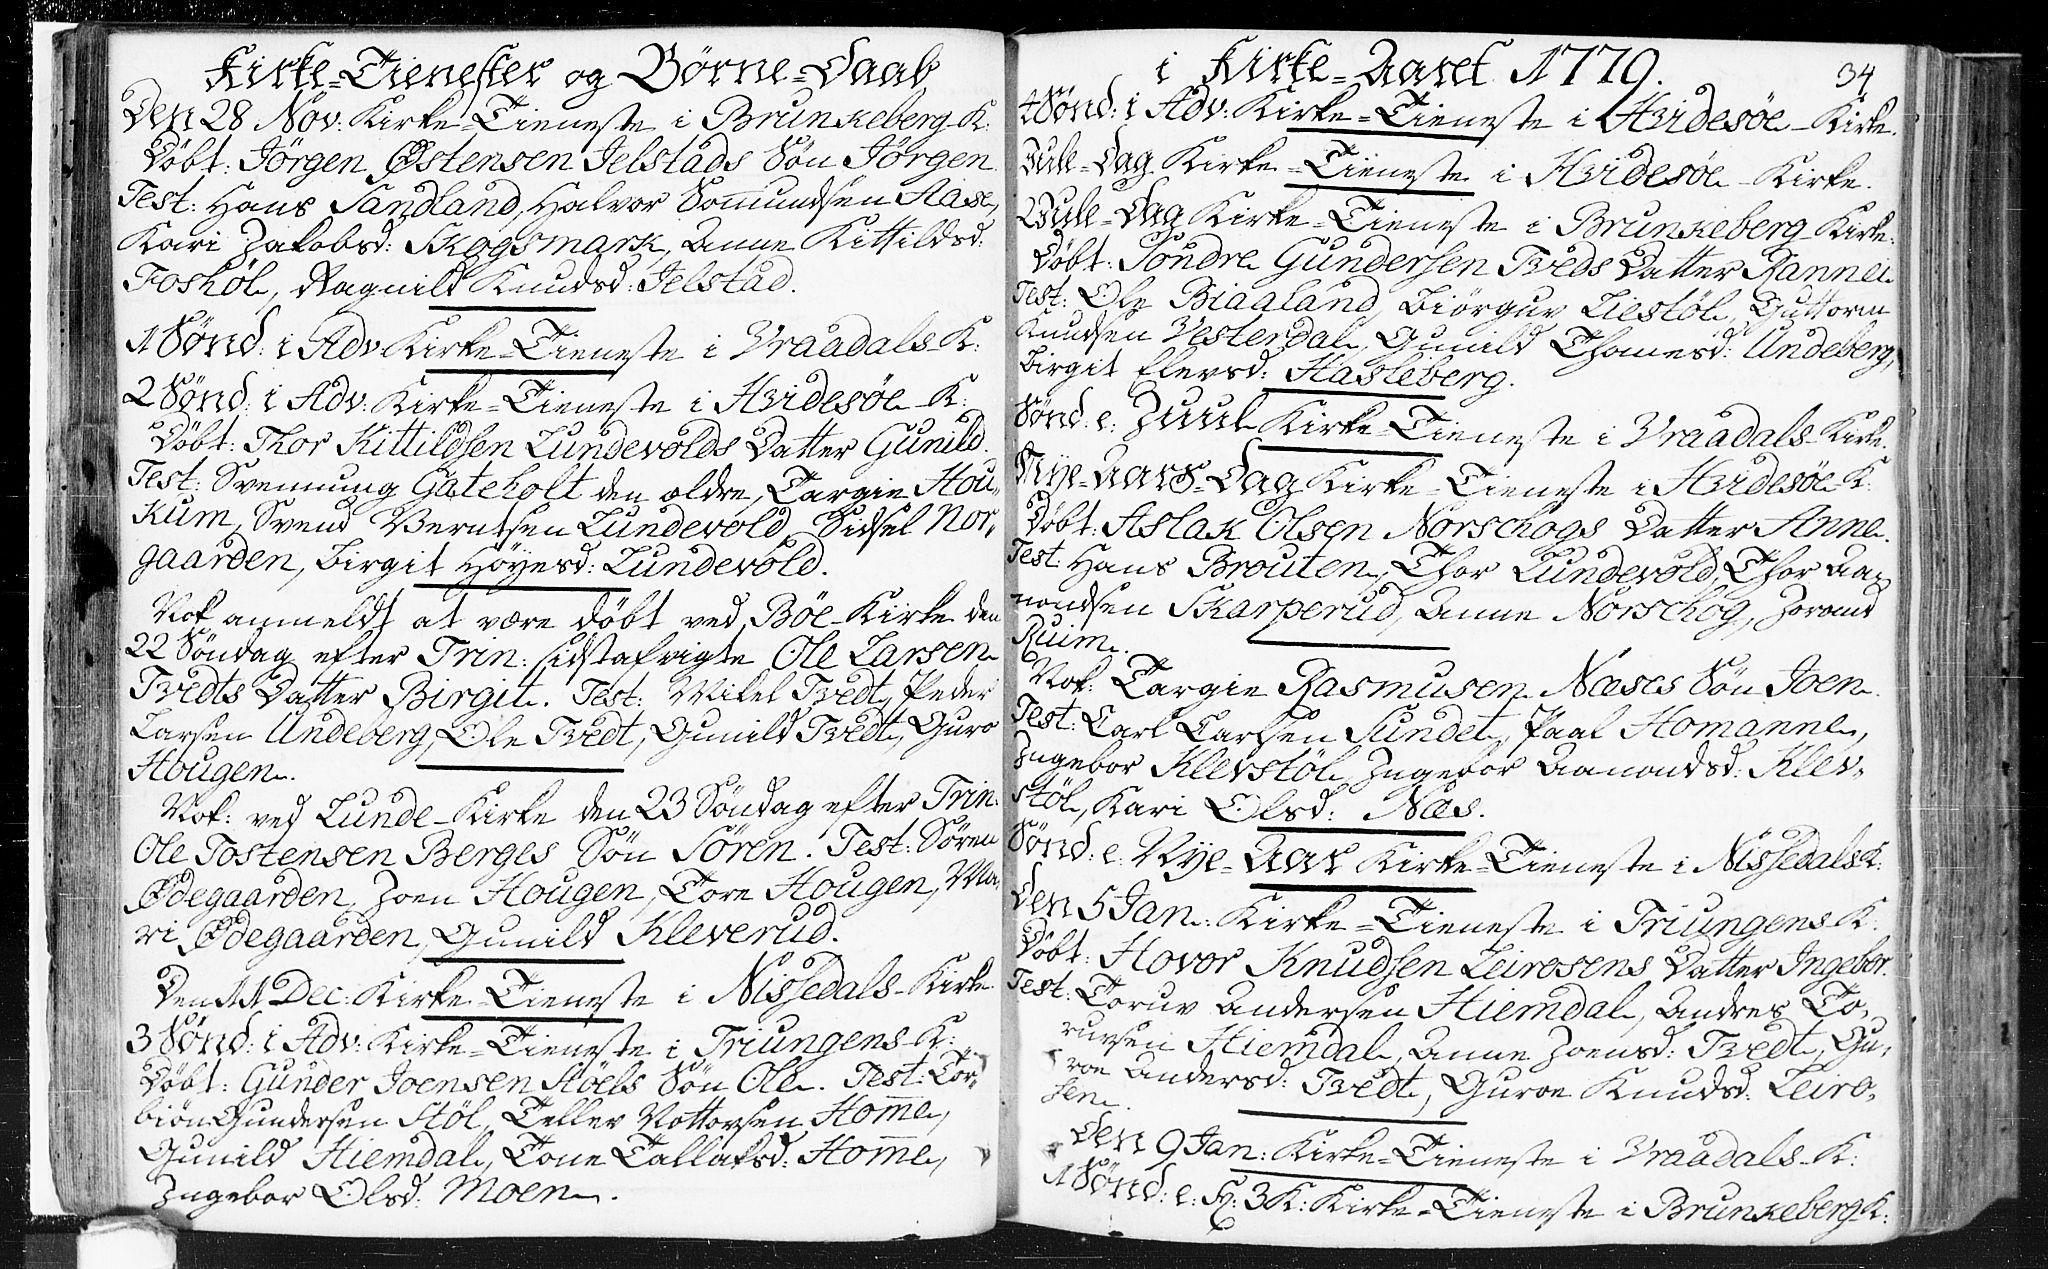 SAKO, Kviteseid kirkebøker, F/Fa/L0002: Ministerialbok nr. I 2, 1773-1786, s. 34